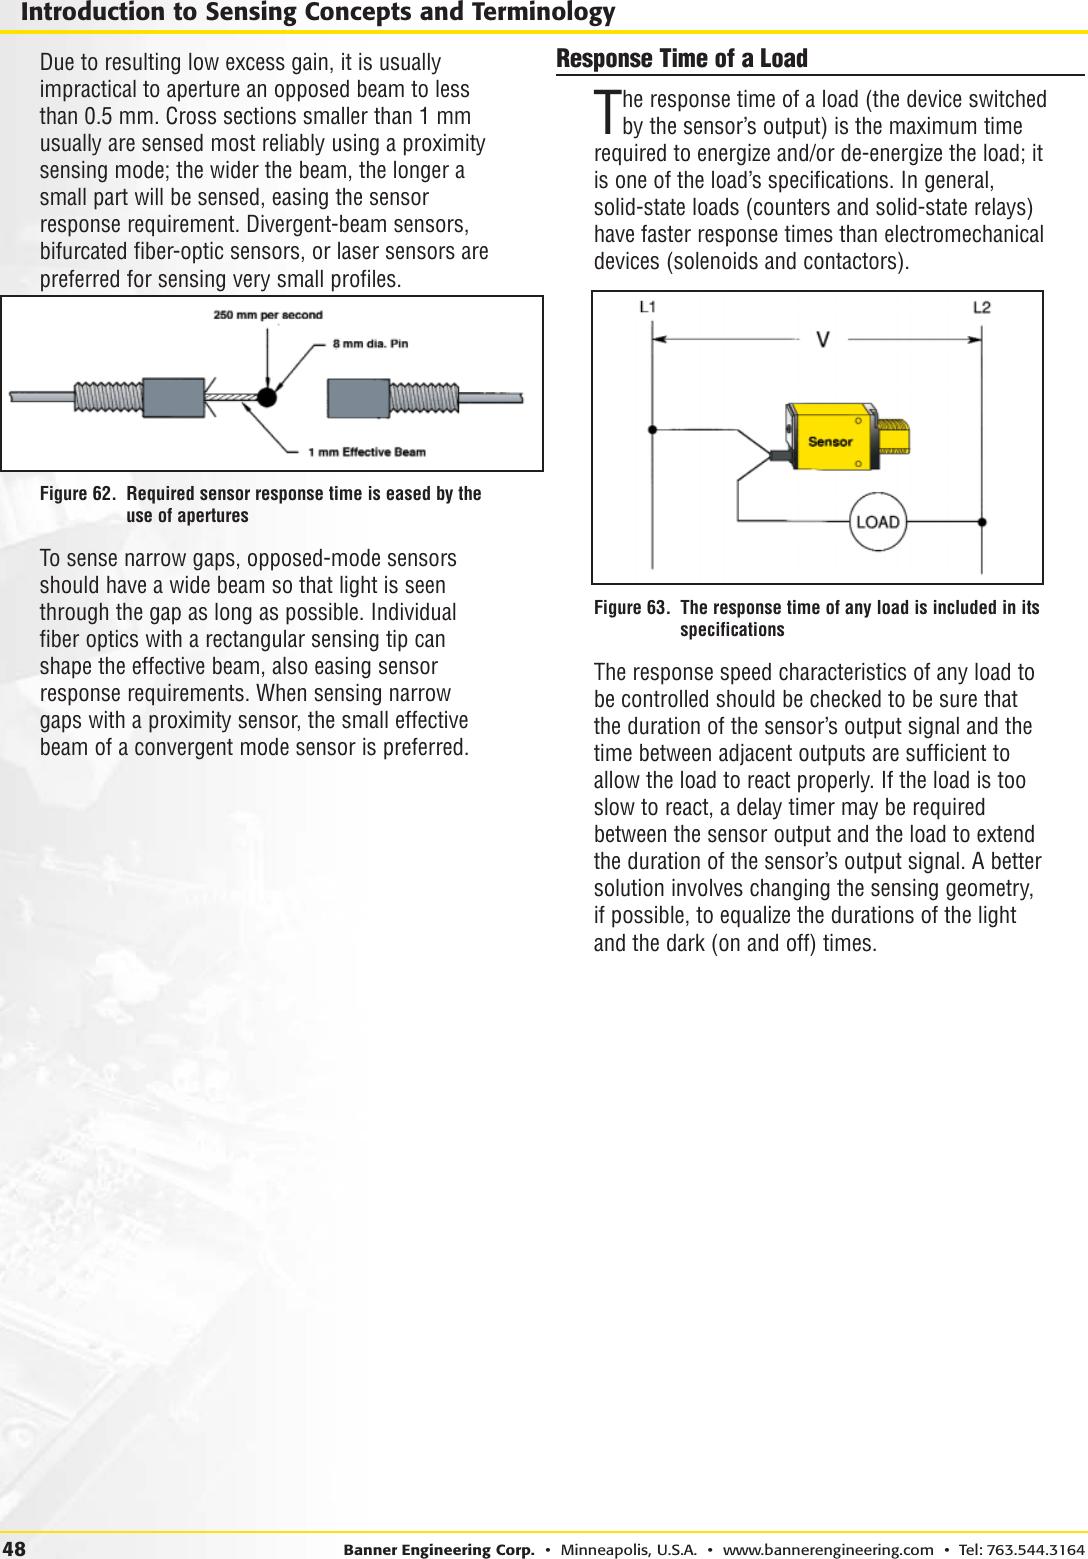 Banner Q45VR3F Sensor 250 Volts 60 Hz 5 Amps